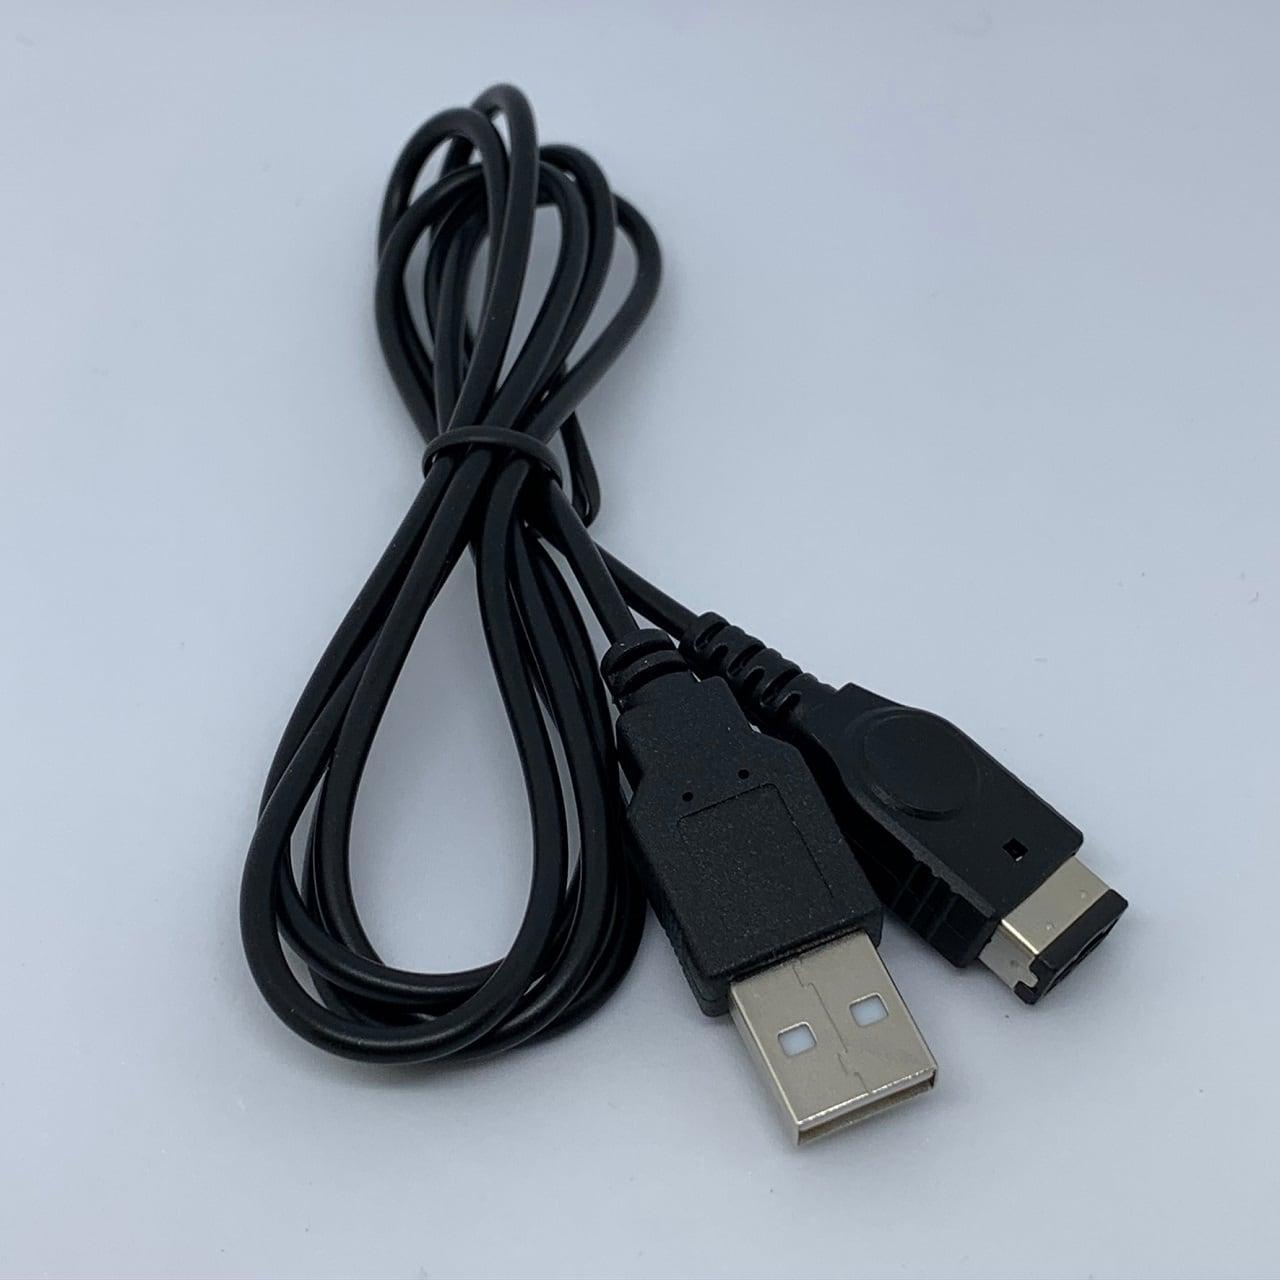 ゲームボーイアドバンスSP ニンテンドーDS 兼用 USBタイプ充電ケーブル